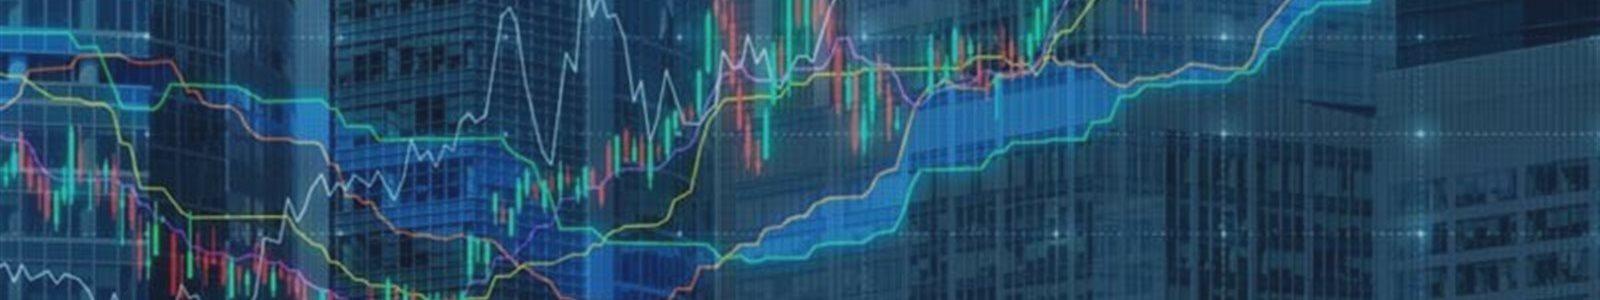 Закон «О квалифицированных инвесторах» принят в 1-ом чтении